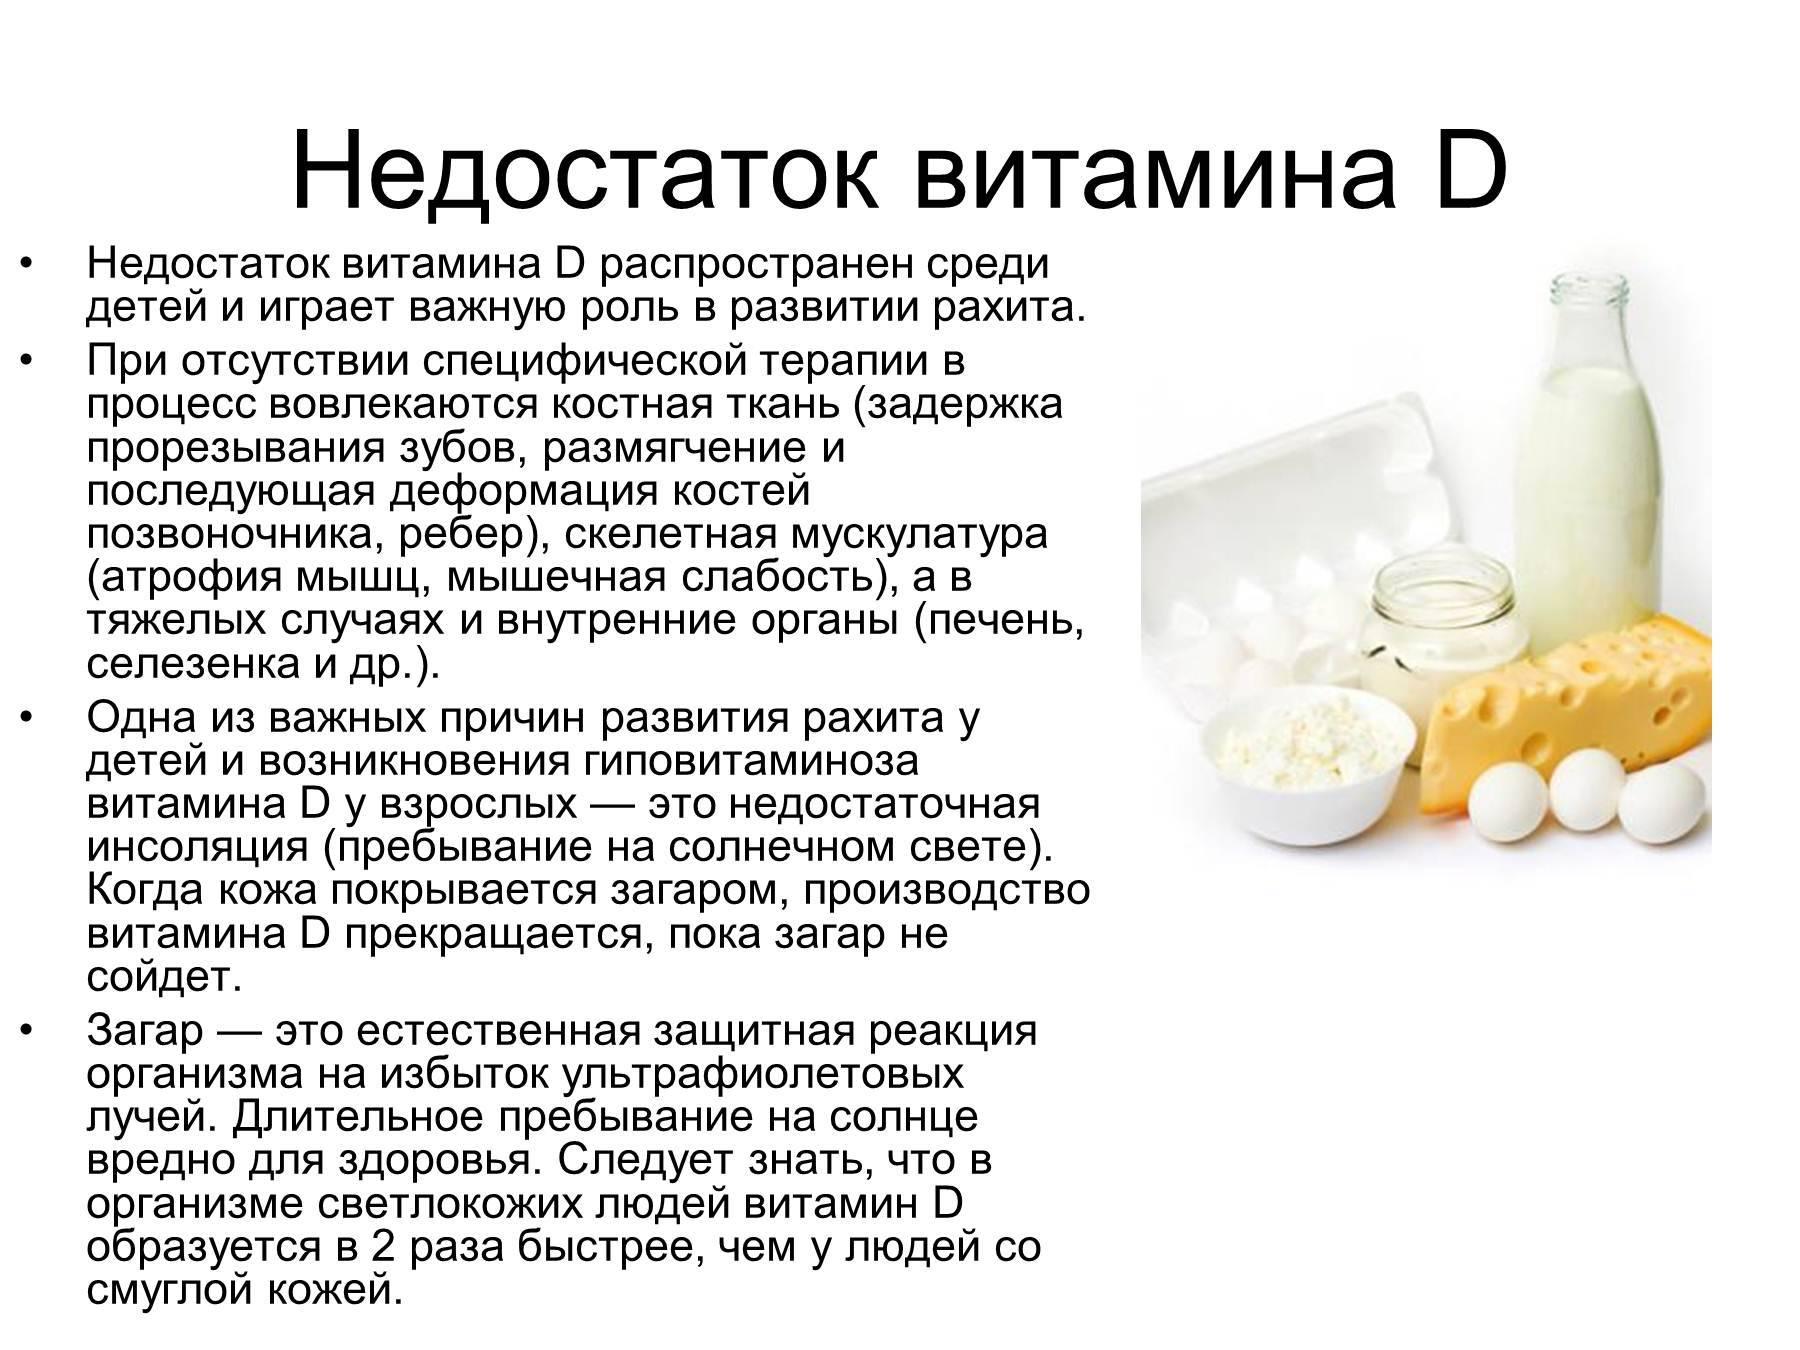 Нехватка кальция в организме человека, признаки дефицита, восстановление